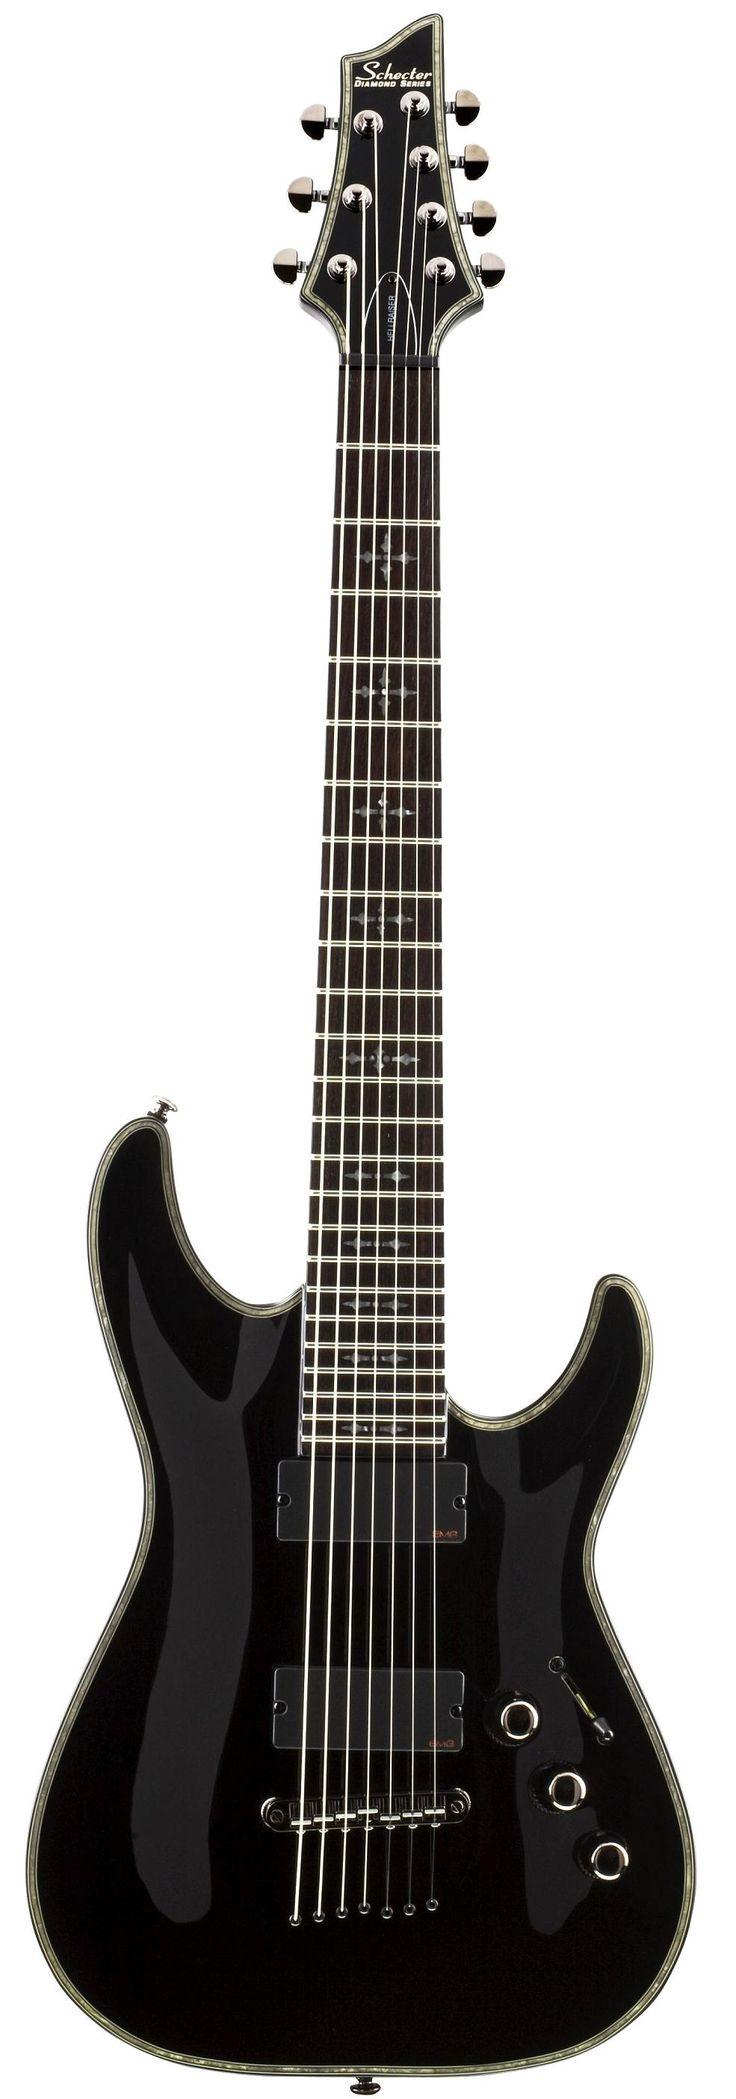 Simo's guitar: Schecter Hellraiser C-7  #distressofruin #Schecter #hellraiser #C7 #7string #guitar #electric #music